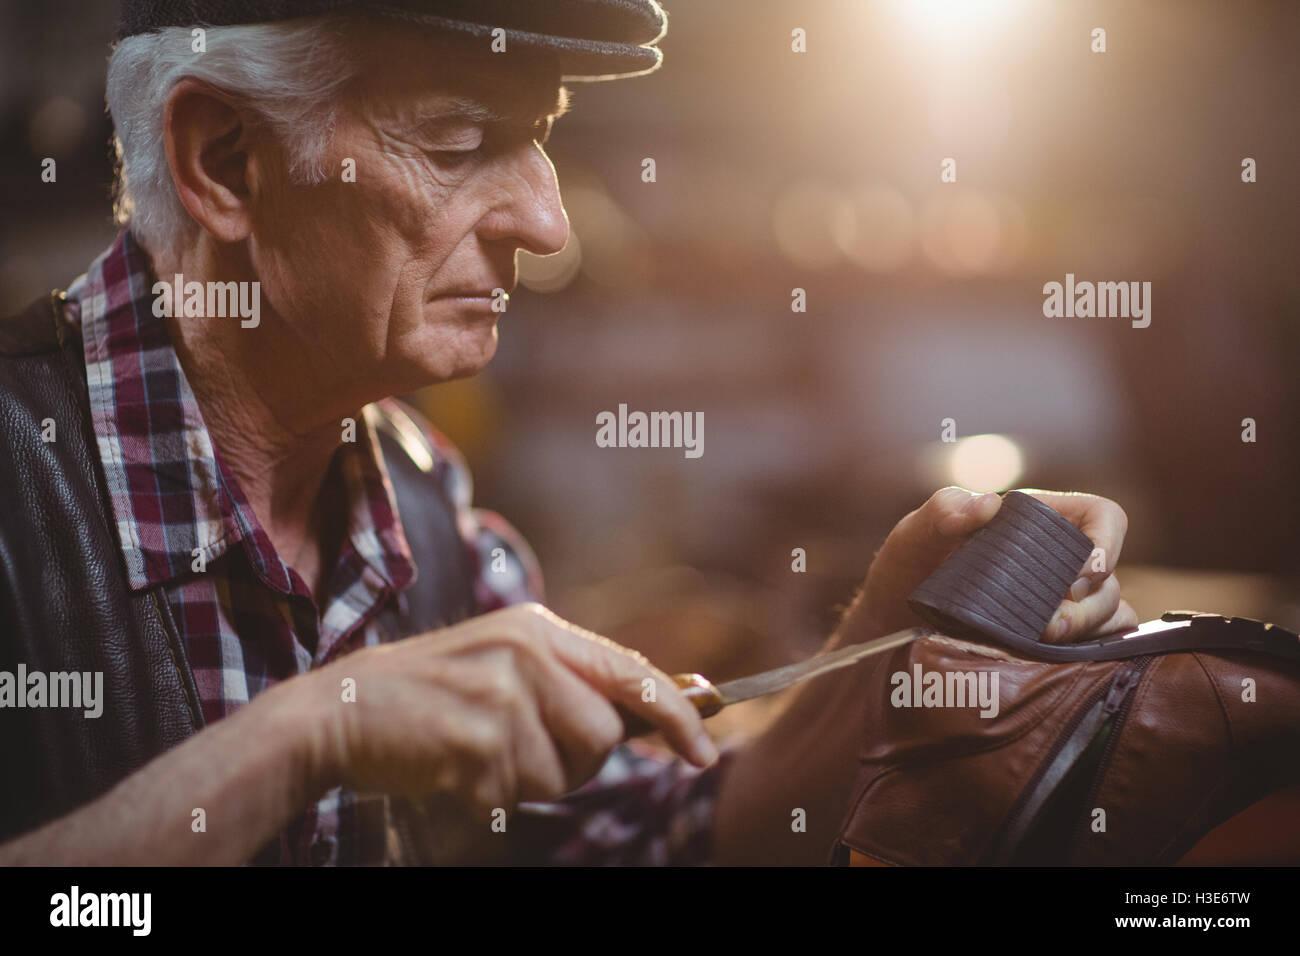 Cordonnier réparation d'un service de Photo Stock